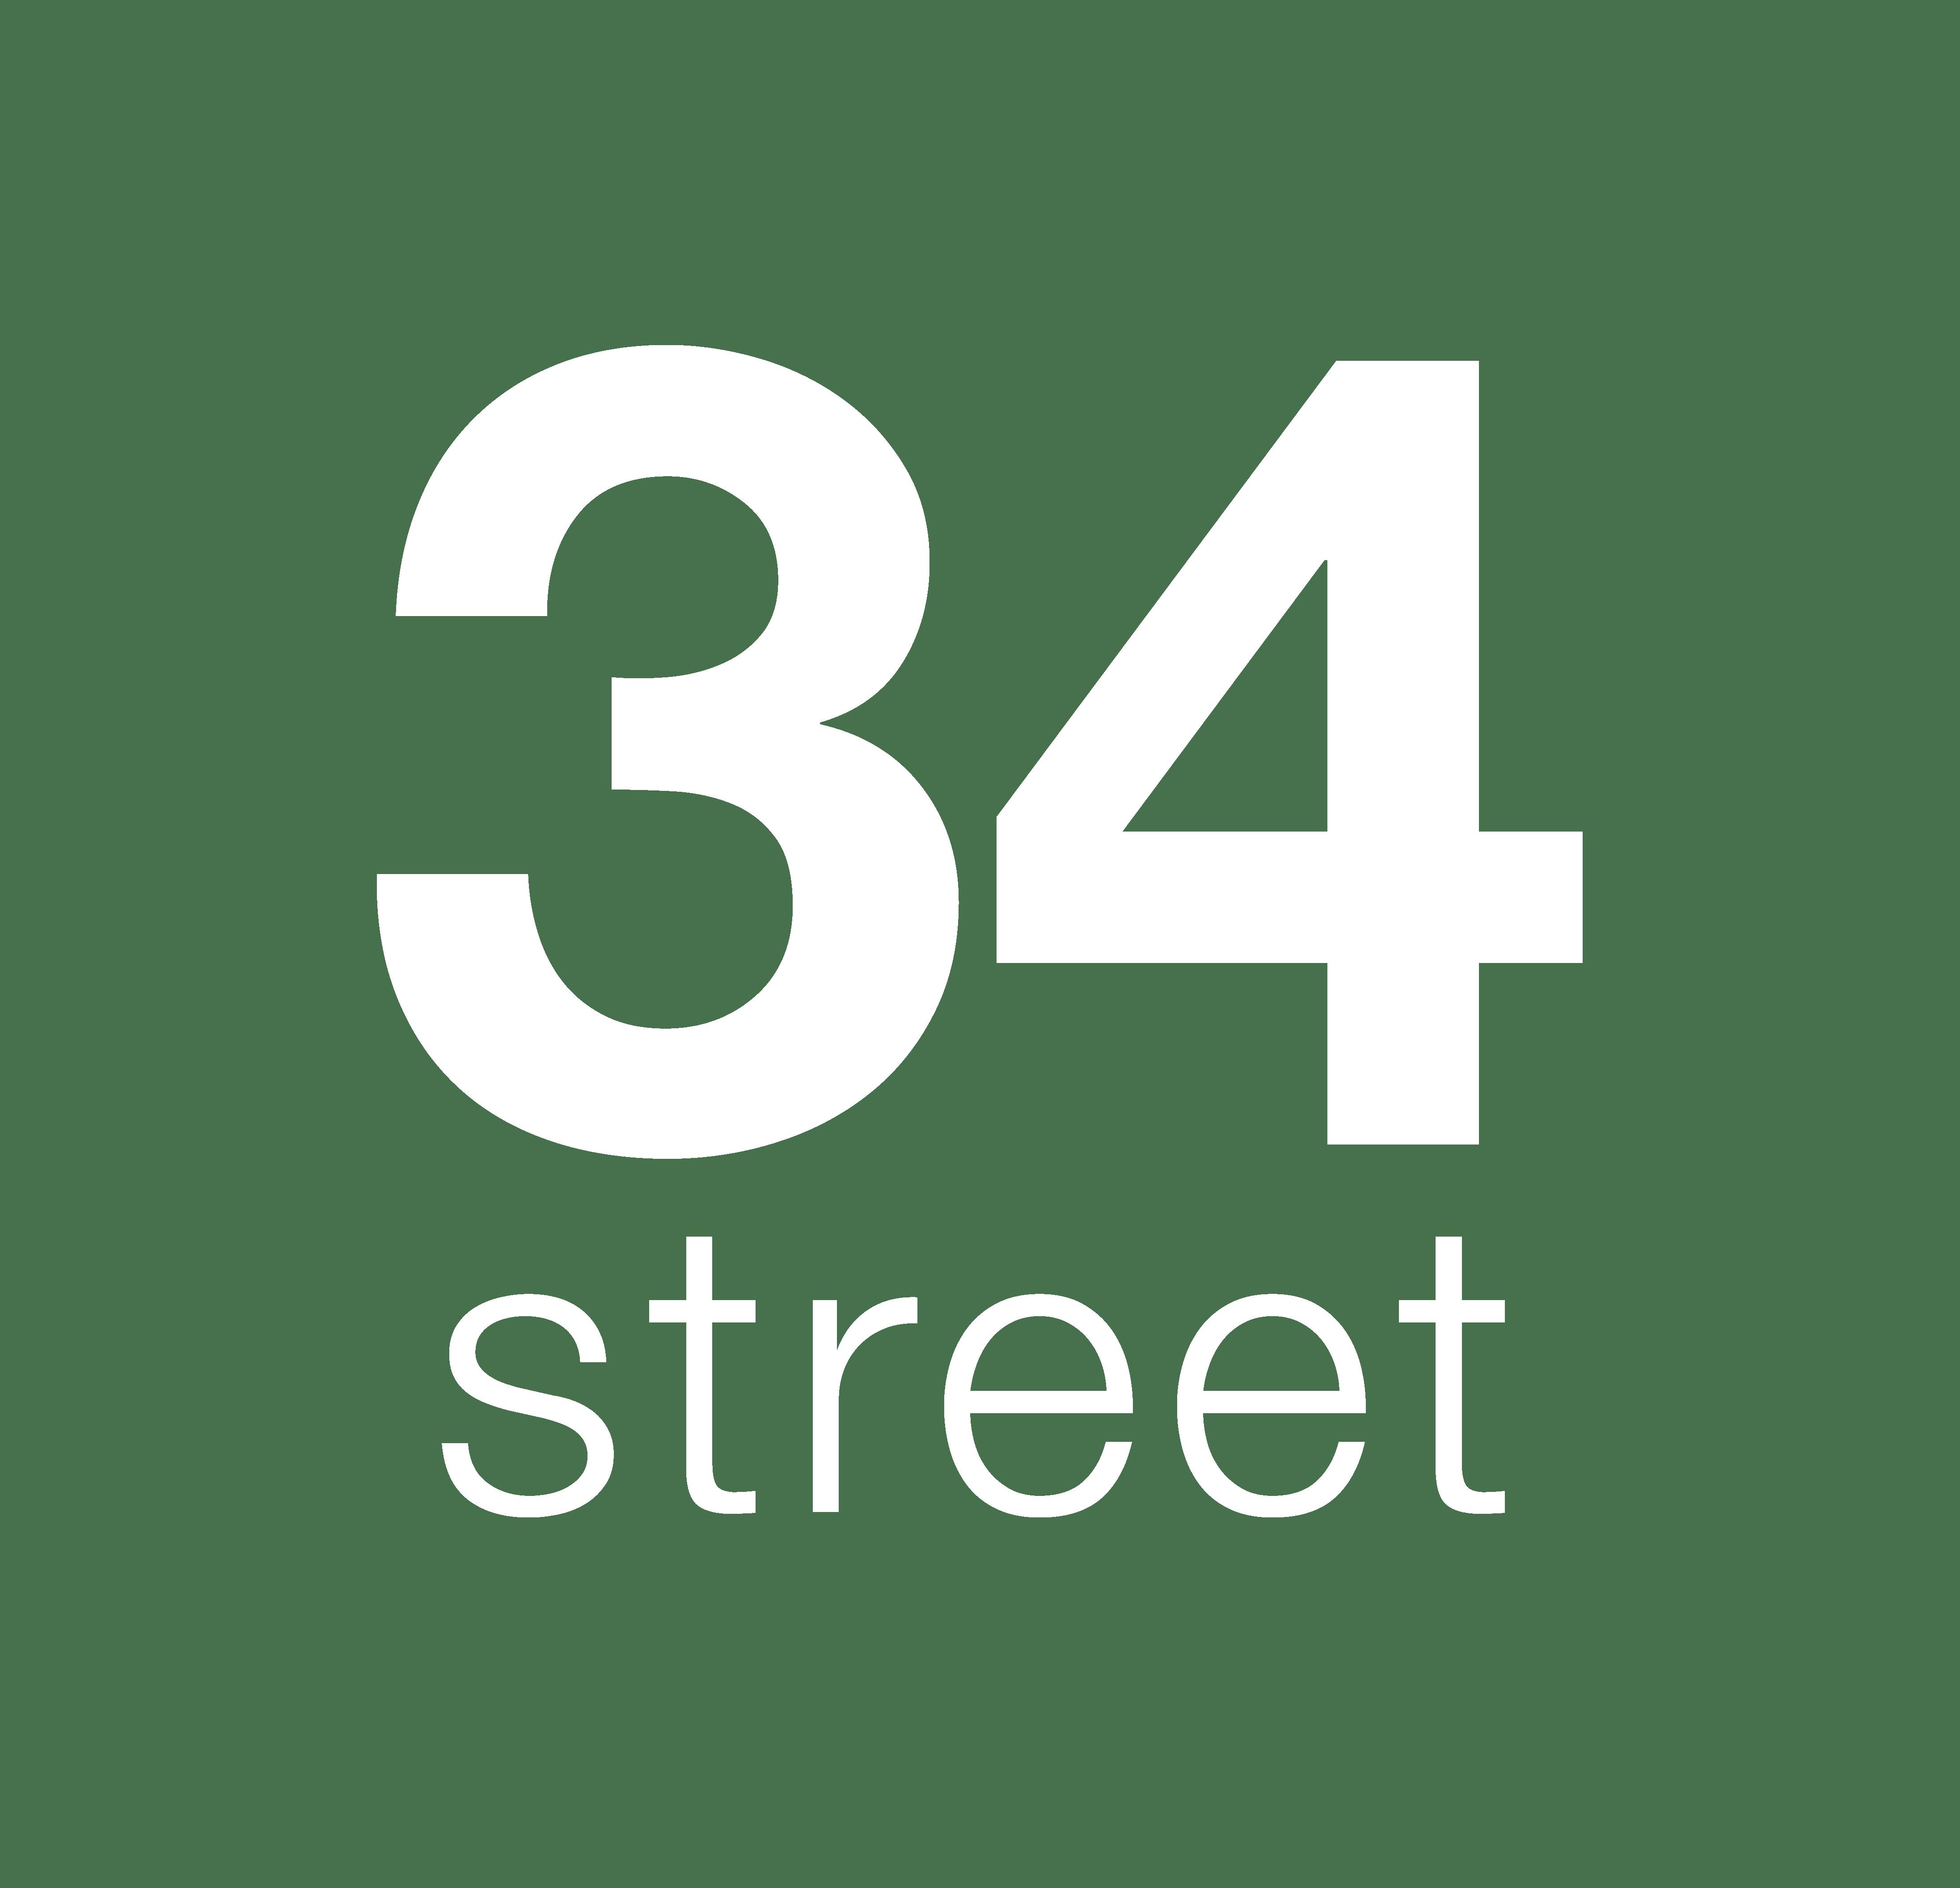 logo-34street-white